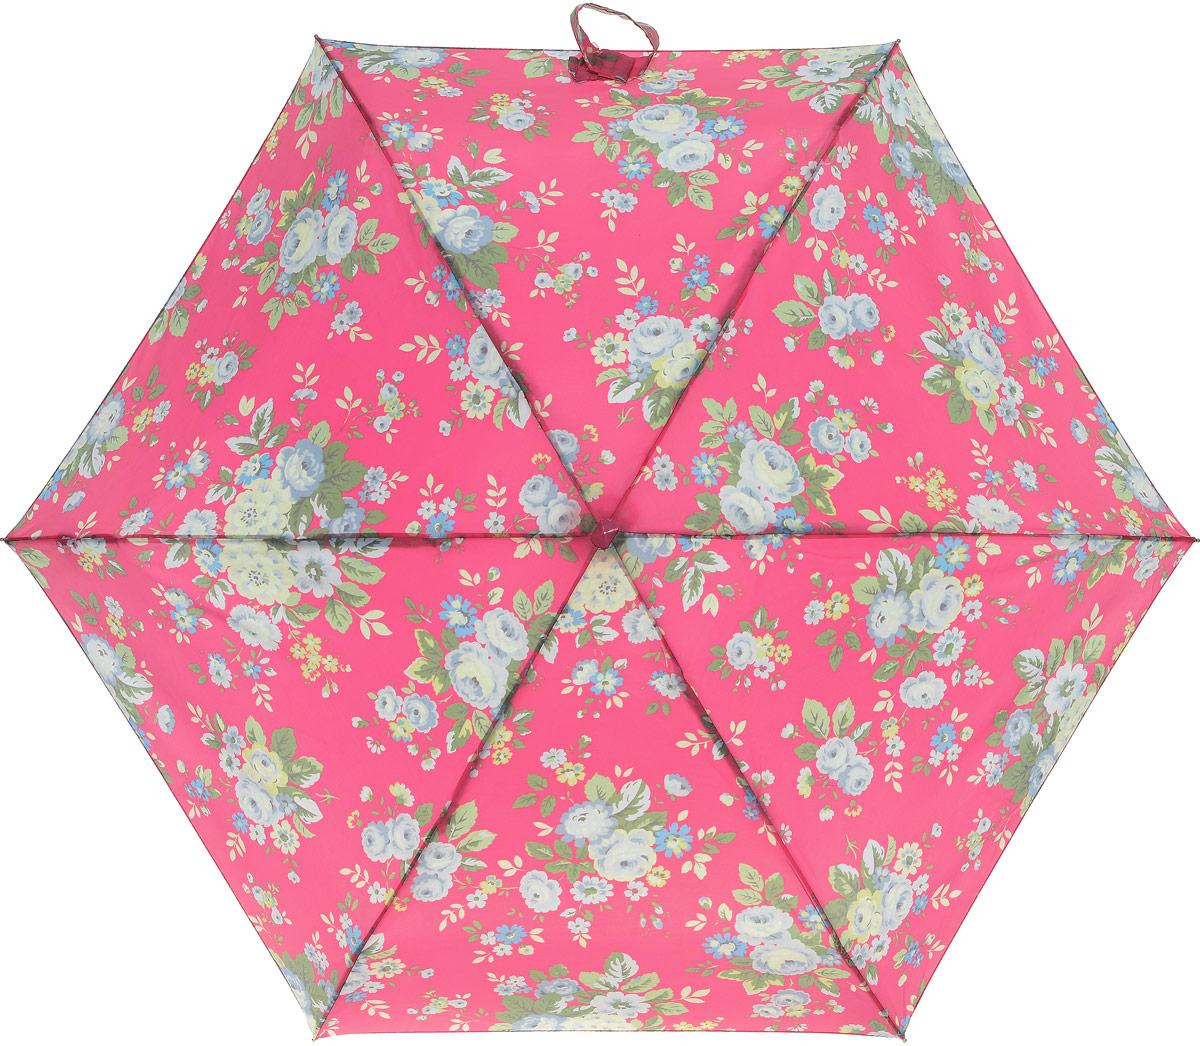 Зонт женский Cath Kidston Tiny, механический, 5 сложений, цвет: розовый, мультиколор. L521-3135L521-3135 TrailingFloralСтильный механический зонт Cath Kidston Tiny в 5 сложений даже в ненастную погоду позволит вам оставаться элегантной. Облегченный каркас зонта выполнен из 6 спиц из фибергласса и алюминия, стержень также изготовлен из алюминия, удобная рукоятка - из дерева. Купол зонта выполнен из прочного полиэстера. В закрытом виде застегивается хлястиком на липучке. Яркий оригинальный цветочный рисунок поднимет настроение в дождливый день. Зонт механического сложения: купол открывается и закрывается вручную до характерного щелчка. На рукоятке для удобства есть небольшой шнурок, позволяющий надеть зонт на руку тогда, когда это будет необходимо. К зонту прилагается чехол с небольшой нашивкой с названием бренда. Такой зонт компактно располагается в кармане, сумочке, дверке автомобиля.